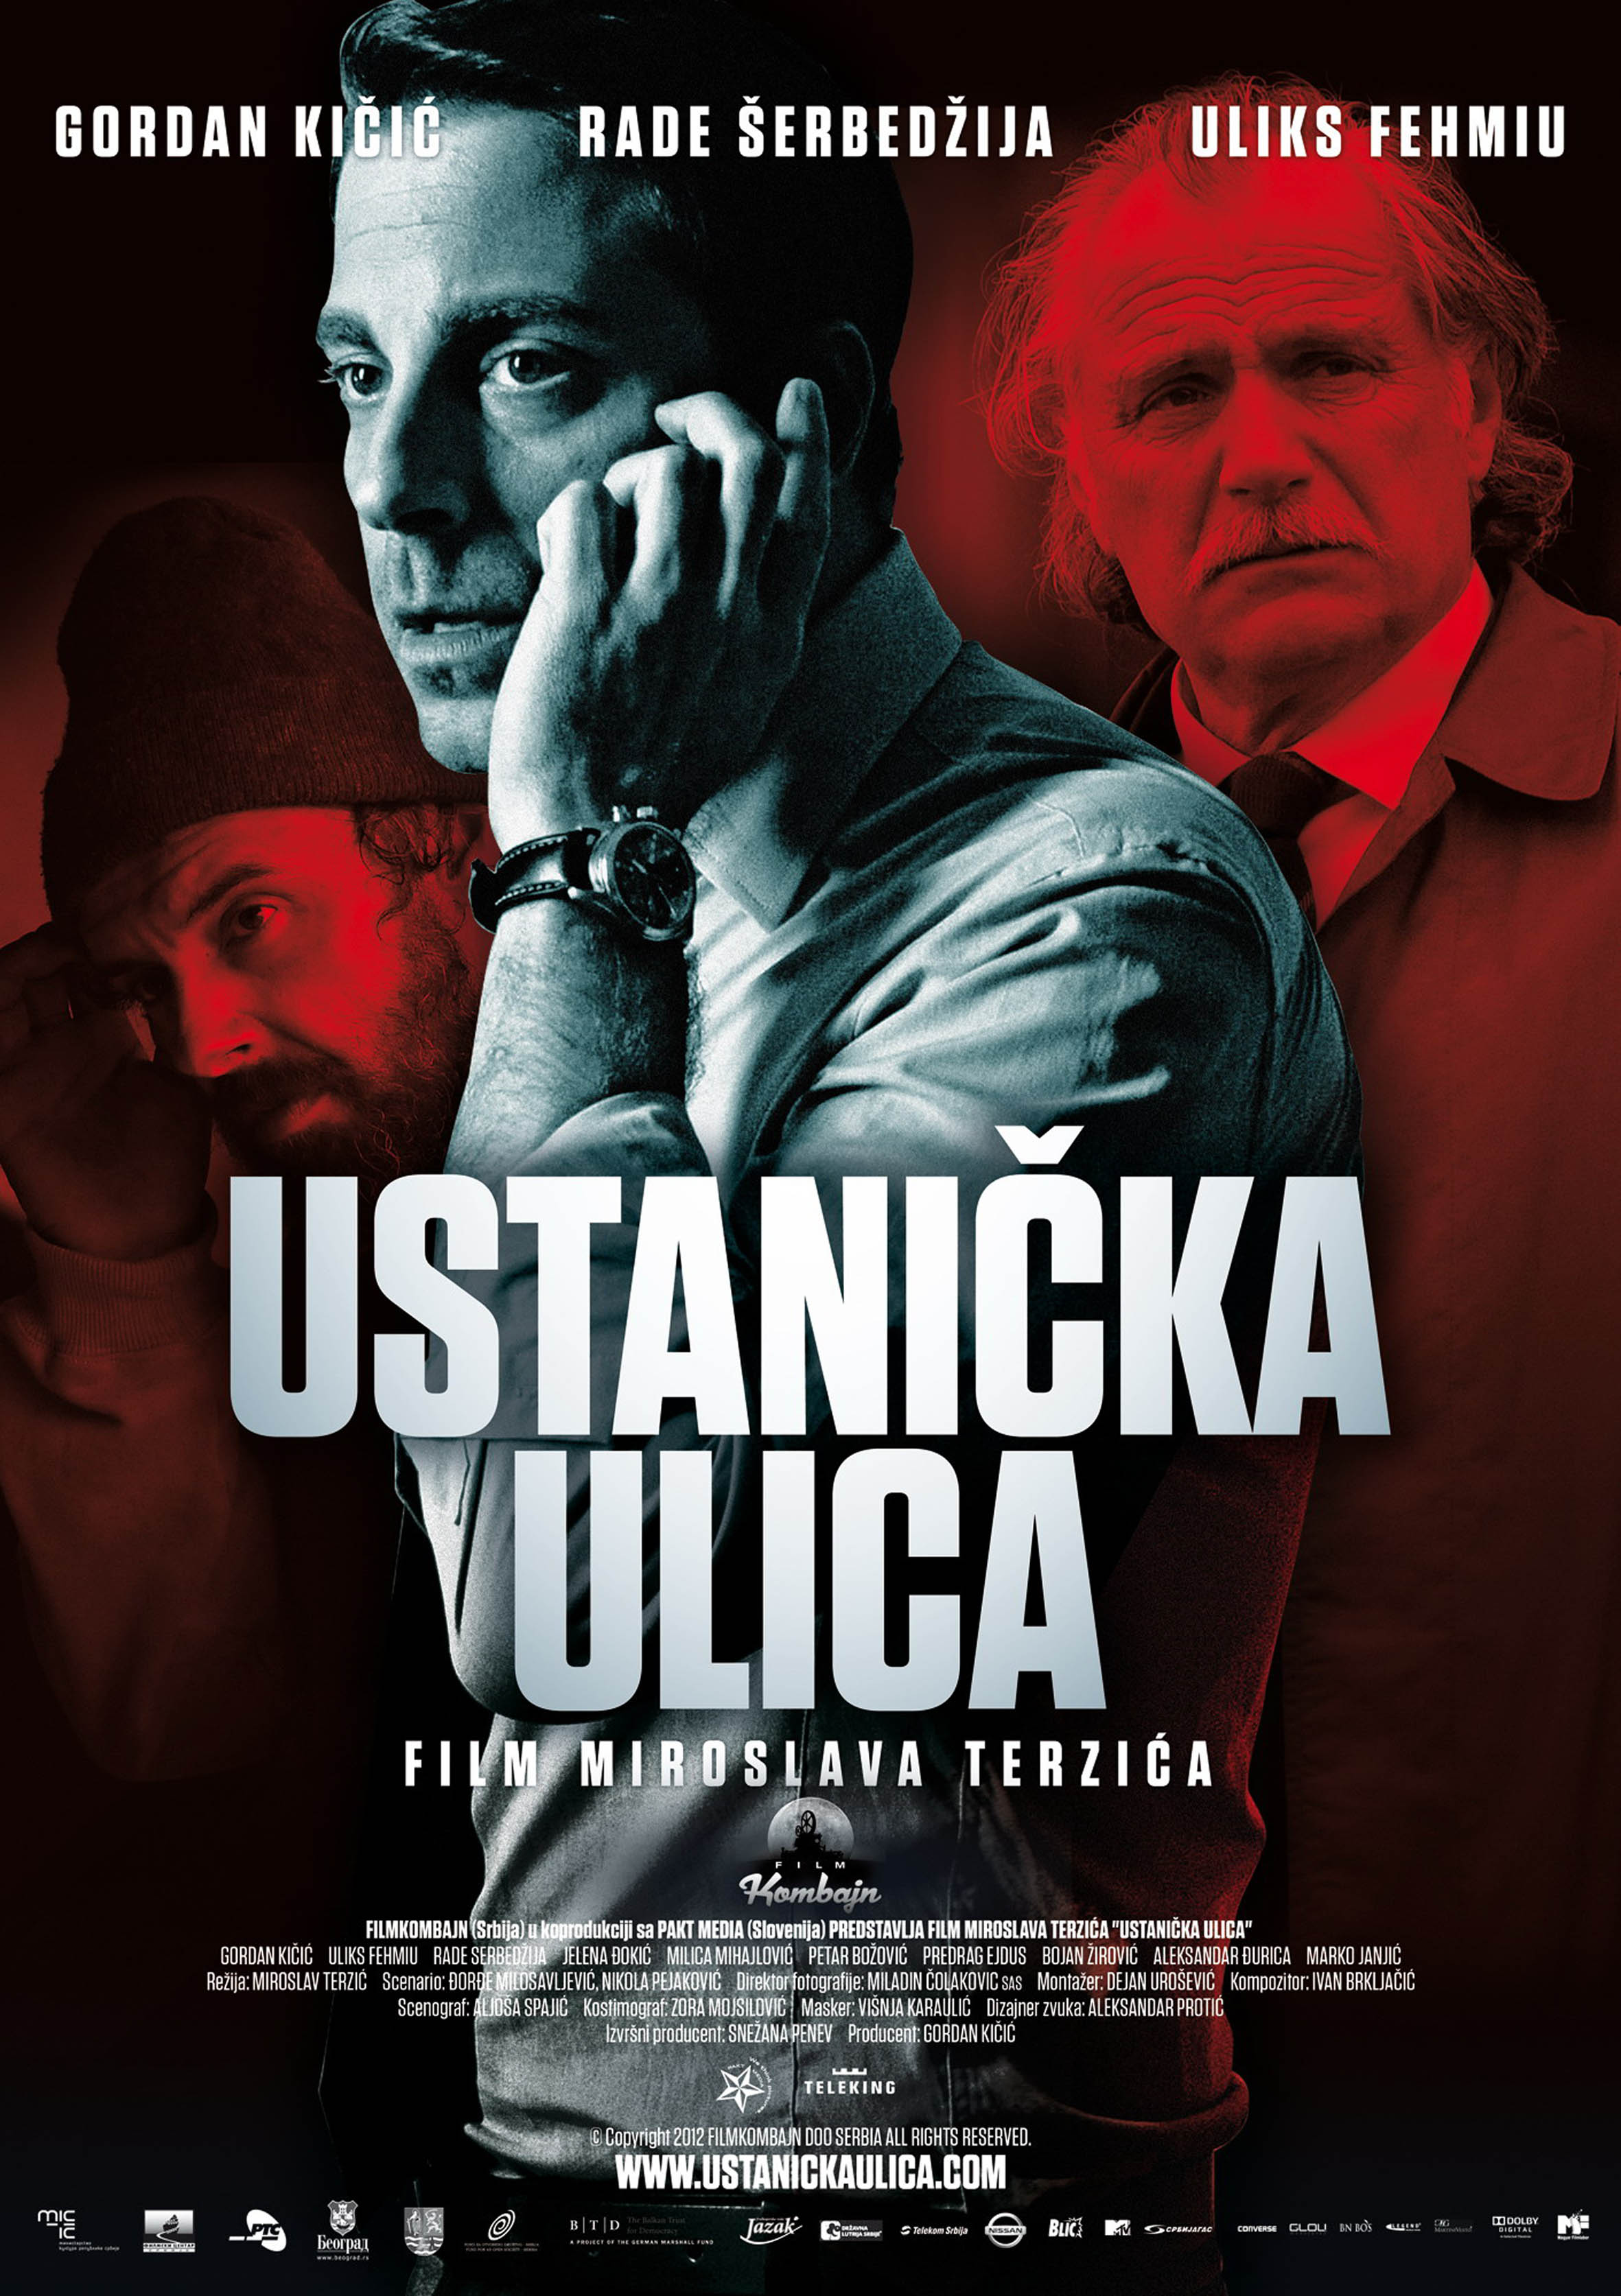 Hajdemo u bioskop - Filmska kritika Ustanicka-ulica-poster